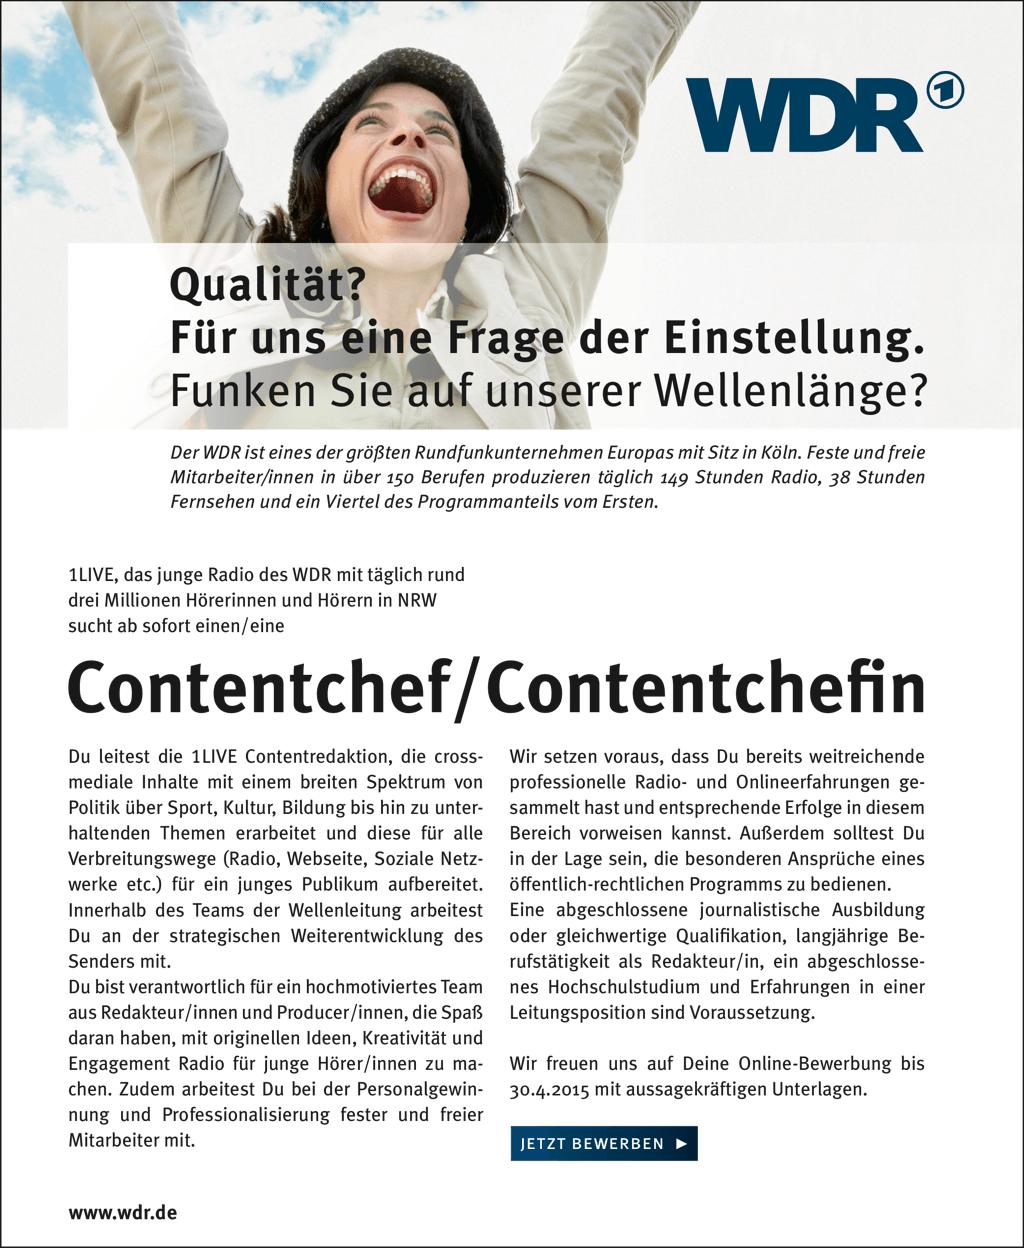 Qualität? Für uns eine Frage der Einstellung. Funken Sie auf unserer Wellenlänge? Der WDR ist eines der größten Rundfunkunternehmen Europas mit Sitz in Köln. Feste und freie Mitarbeiter/innen in über 150 Berufen produzieren täglich 149 Stunden Radio, 38 Stunden Fernsehen und ein Viertel des Programmanteils vom Ersten. 1LIVE, das junge Radio des WDR mit täglich rund drei Millionen Hörerinnen und Hörern in NRW sucht ab sofort einen/eine Contentchef/Contentchefin Du leitest die 1LIVE Contentredaktion, die cross mediale Inhalte mit einem breiten Spektrum von Politik über Sport, Kultur, Bildung bis hin zu unter haltenden Themen erarbeitet und diese für alle Verbreitungswege (Radio, Webseite, Soziale Netz werke etc.) für ein junges Publikum aufbereitet. Innerhalb des Teams der Wellenleitung arbeitest Du an der strategischen Weiterentwicklung des Senders mit. Du bist verantwortlich für ein hochmotiviertes Team aus Redakteur/innen und Producer/innen, die Spaß daran haben, mit originellen Ideen, Kreativität und Engagement Radio für junge Hörer/innen zu ma chen. Zudem arbeitest Du bei der Personalgewin nung und Professionalisierung fester und freier Mitarbeiter mit. Wir setzen voraus, dass Du bereits weitreichende professionelle Radio und Onlineerfahrungen ge sammelt hast und entsprechende Erfolge in diesem Bereich vorweisen kannst. Außerdem solltest Du in der Lage sein, die besonderen Ansprüche eines öffentlichrechtlichen Programms zu bedienen. Eine abgeschlossene journalistische Ausbildung oder gleichwertige Qualifikation, langjährige Be rufstätigkeit als Redakteur/in, ein abgeschlosse nes Hochschulstudium und Erfahrungen in einer Leitungsposition sind Voraussetzung. Wir freuen uns auf Deine OnlineBewerbung bis 30.4.2015 mit aussagekräftigen Unterlagen. jetzt bewerben! www.wdr.de